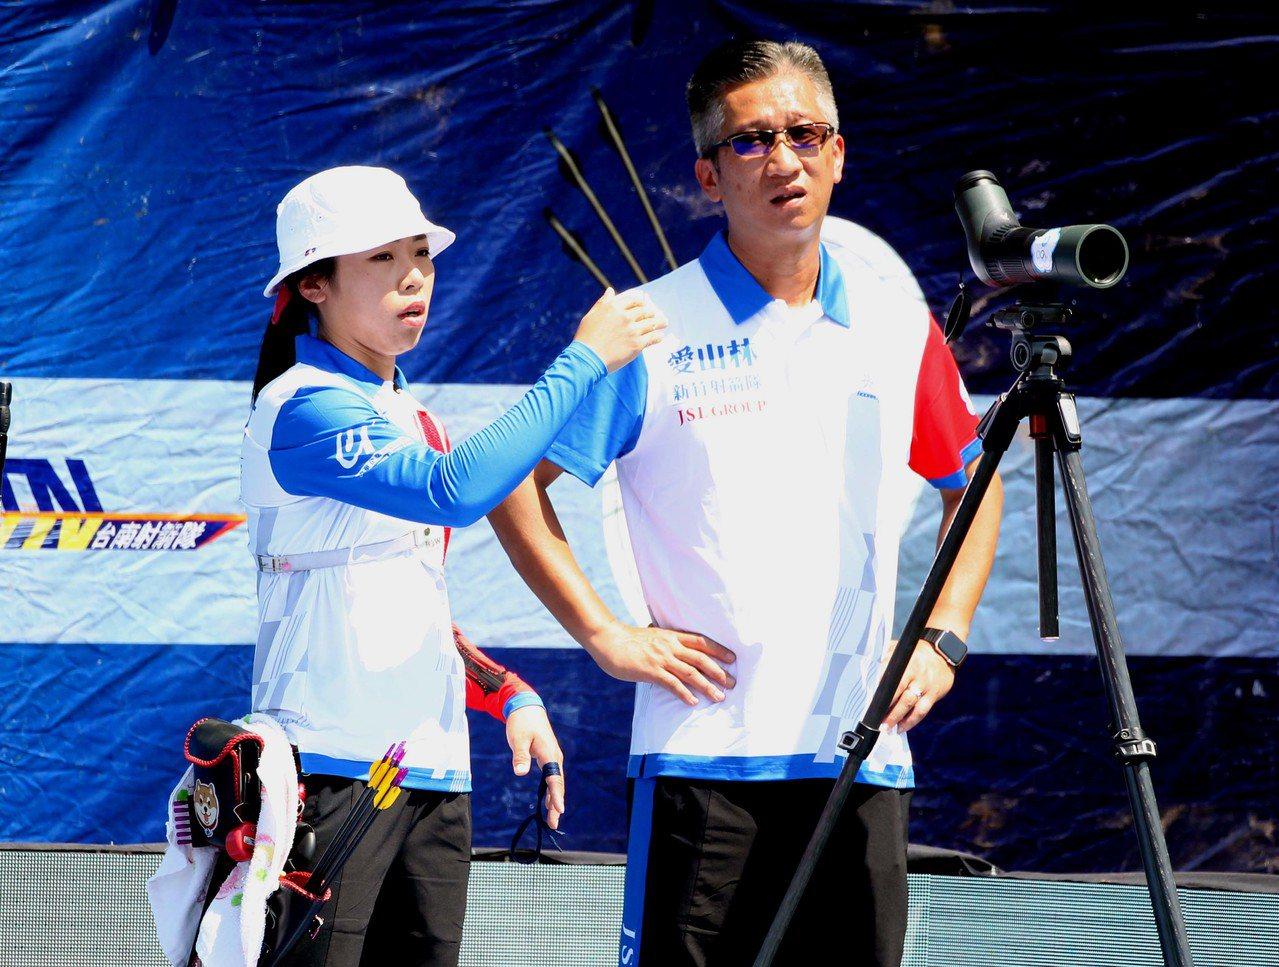 譚雅婷與教練倪大智。圖/中華企業射箭聯盟提供